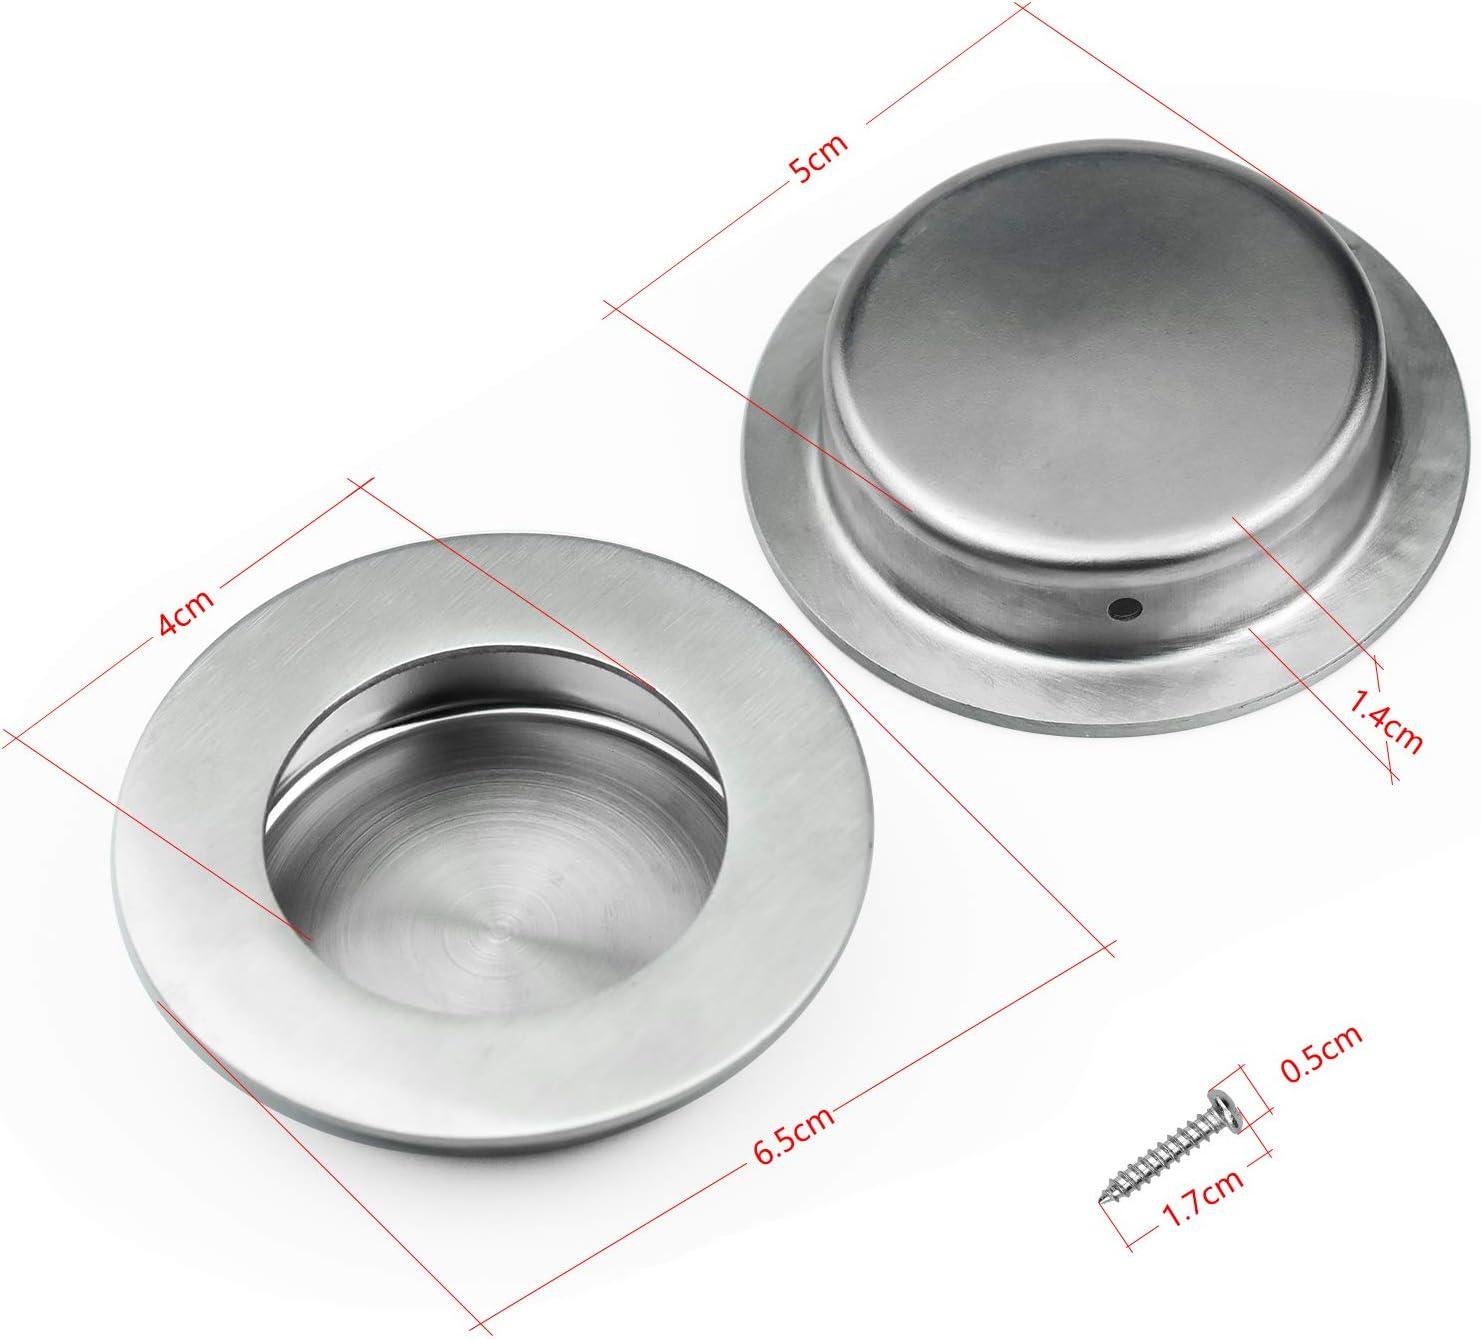 en Acier Inoxydable Poign/ées Rondes 50 x 65 mm Zaleonline 4 pi/èces Boutons de Commode Ronds pour Portes coulissantes